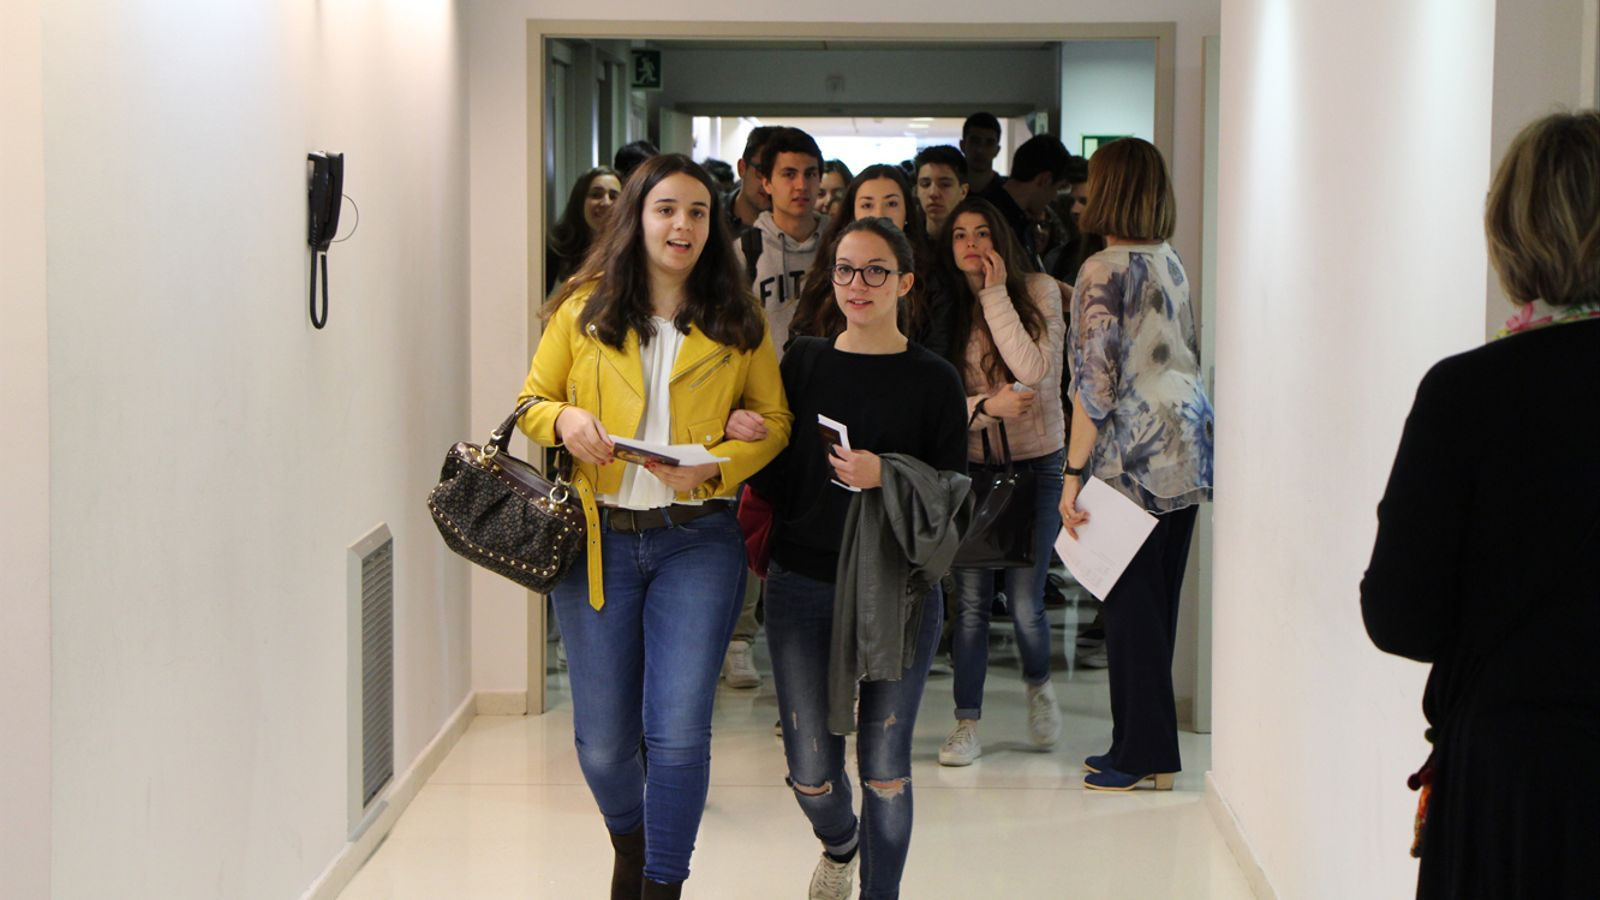 Alumnes abans d'entrar als exàmens de la convocatòria anterior. / ARXIU